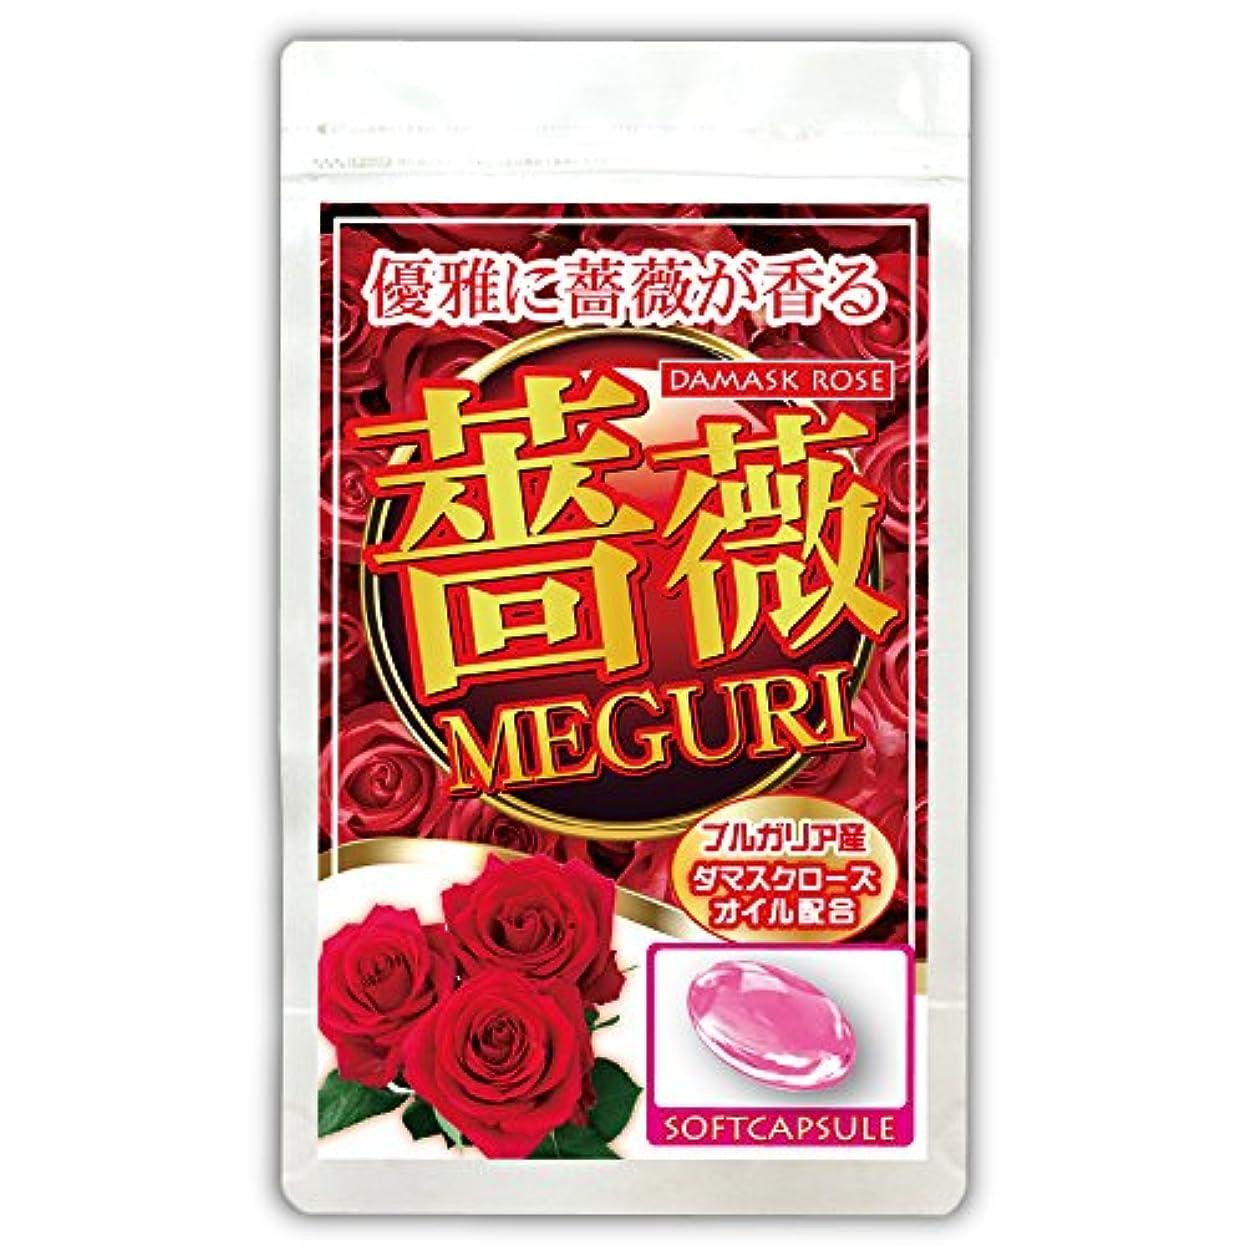 息苦しい合法手紙を書く薔薇MEGURI(約1~2ヵ月分/62粒)